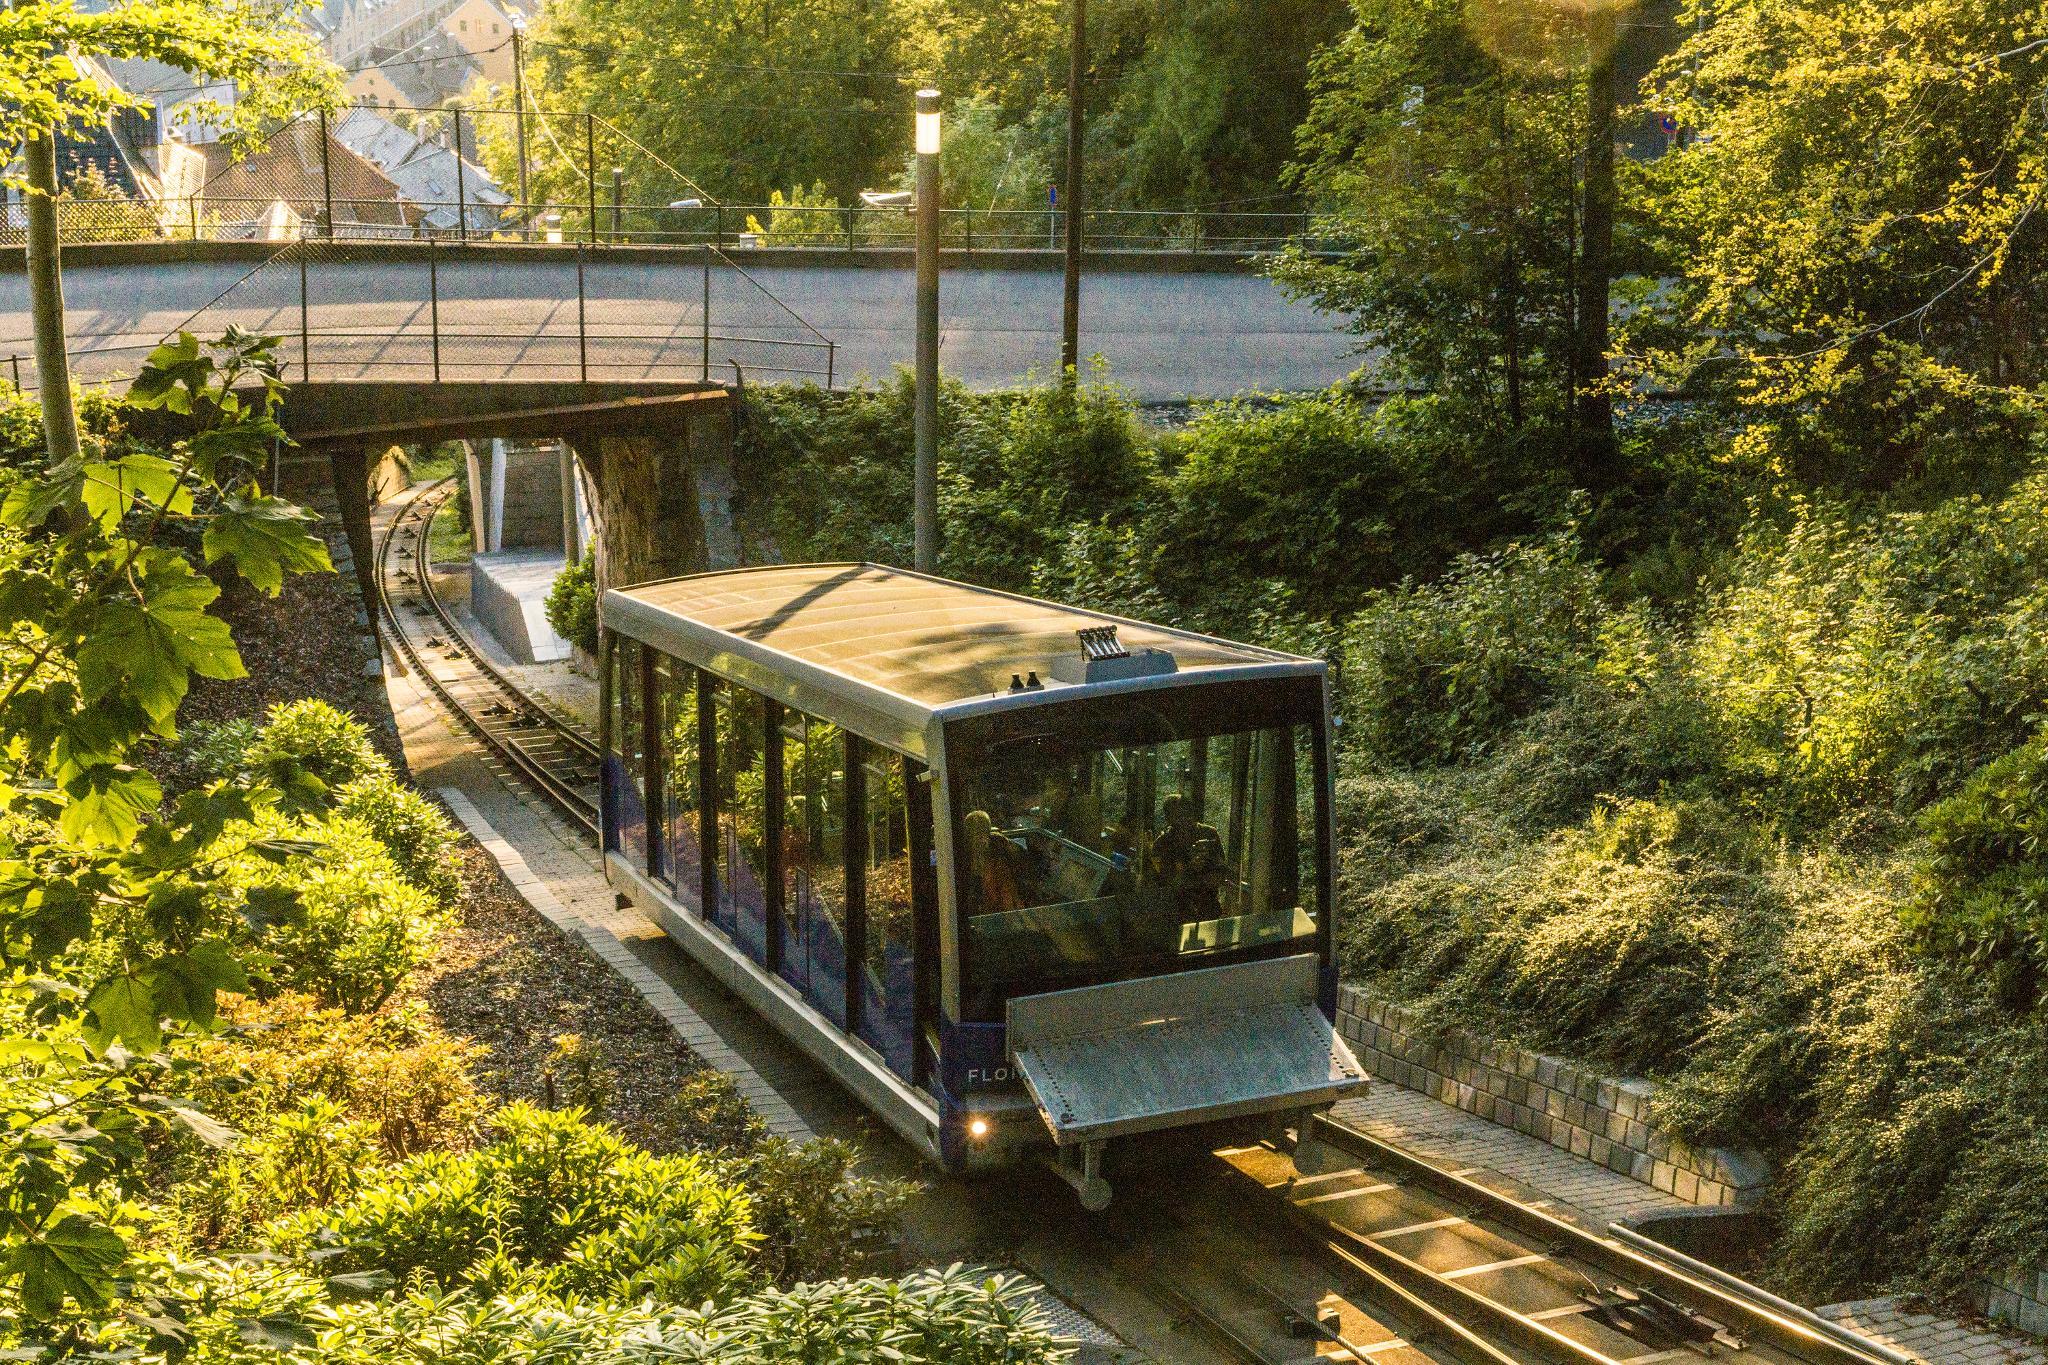 【卑爾根】Fløyen 佛洛伊恩山纜車與觀景台 — 擁抱文化港都的百萬美景